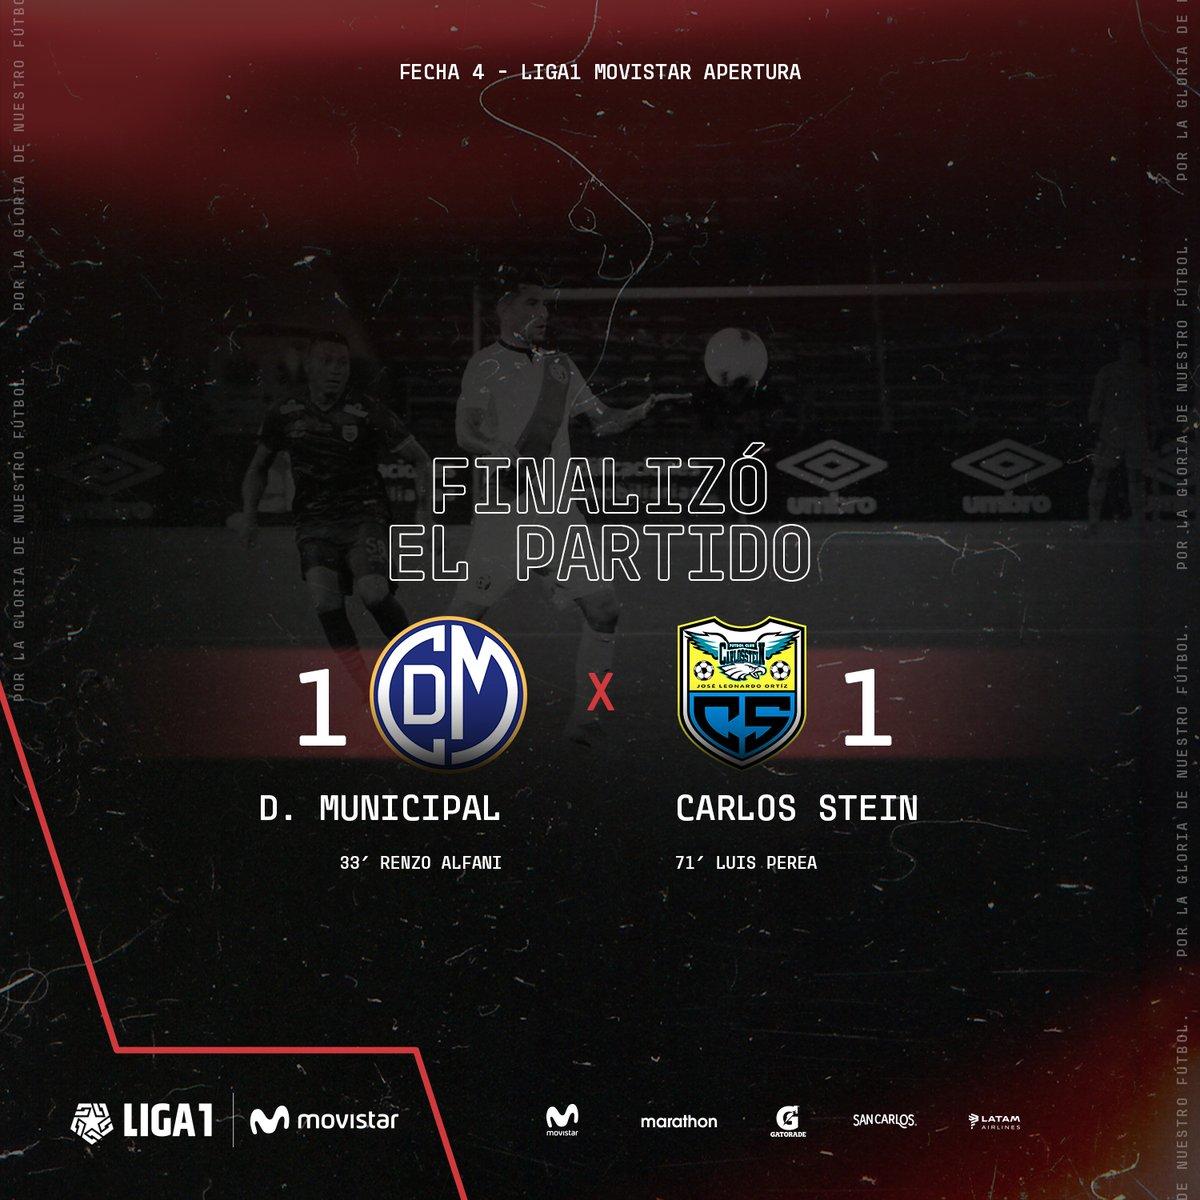 #ENVIVO ¡Final del partido en San Marcos! @CCDMunicipal y #CarlosStein igualaron 1-1 por la cuarta fecha de la #Liga1Movistar Apertura. pic.twitter.com/Au2Aiodzis